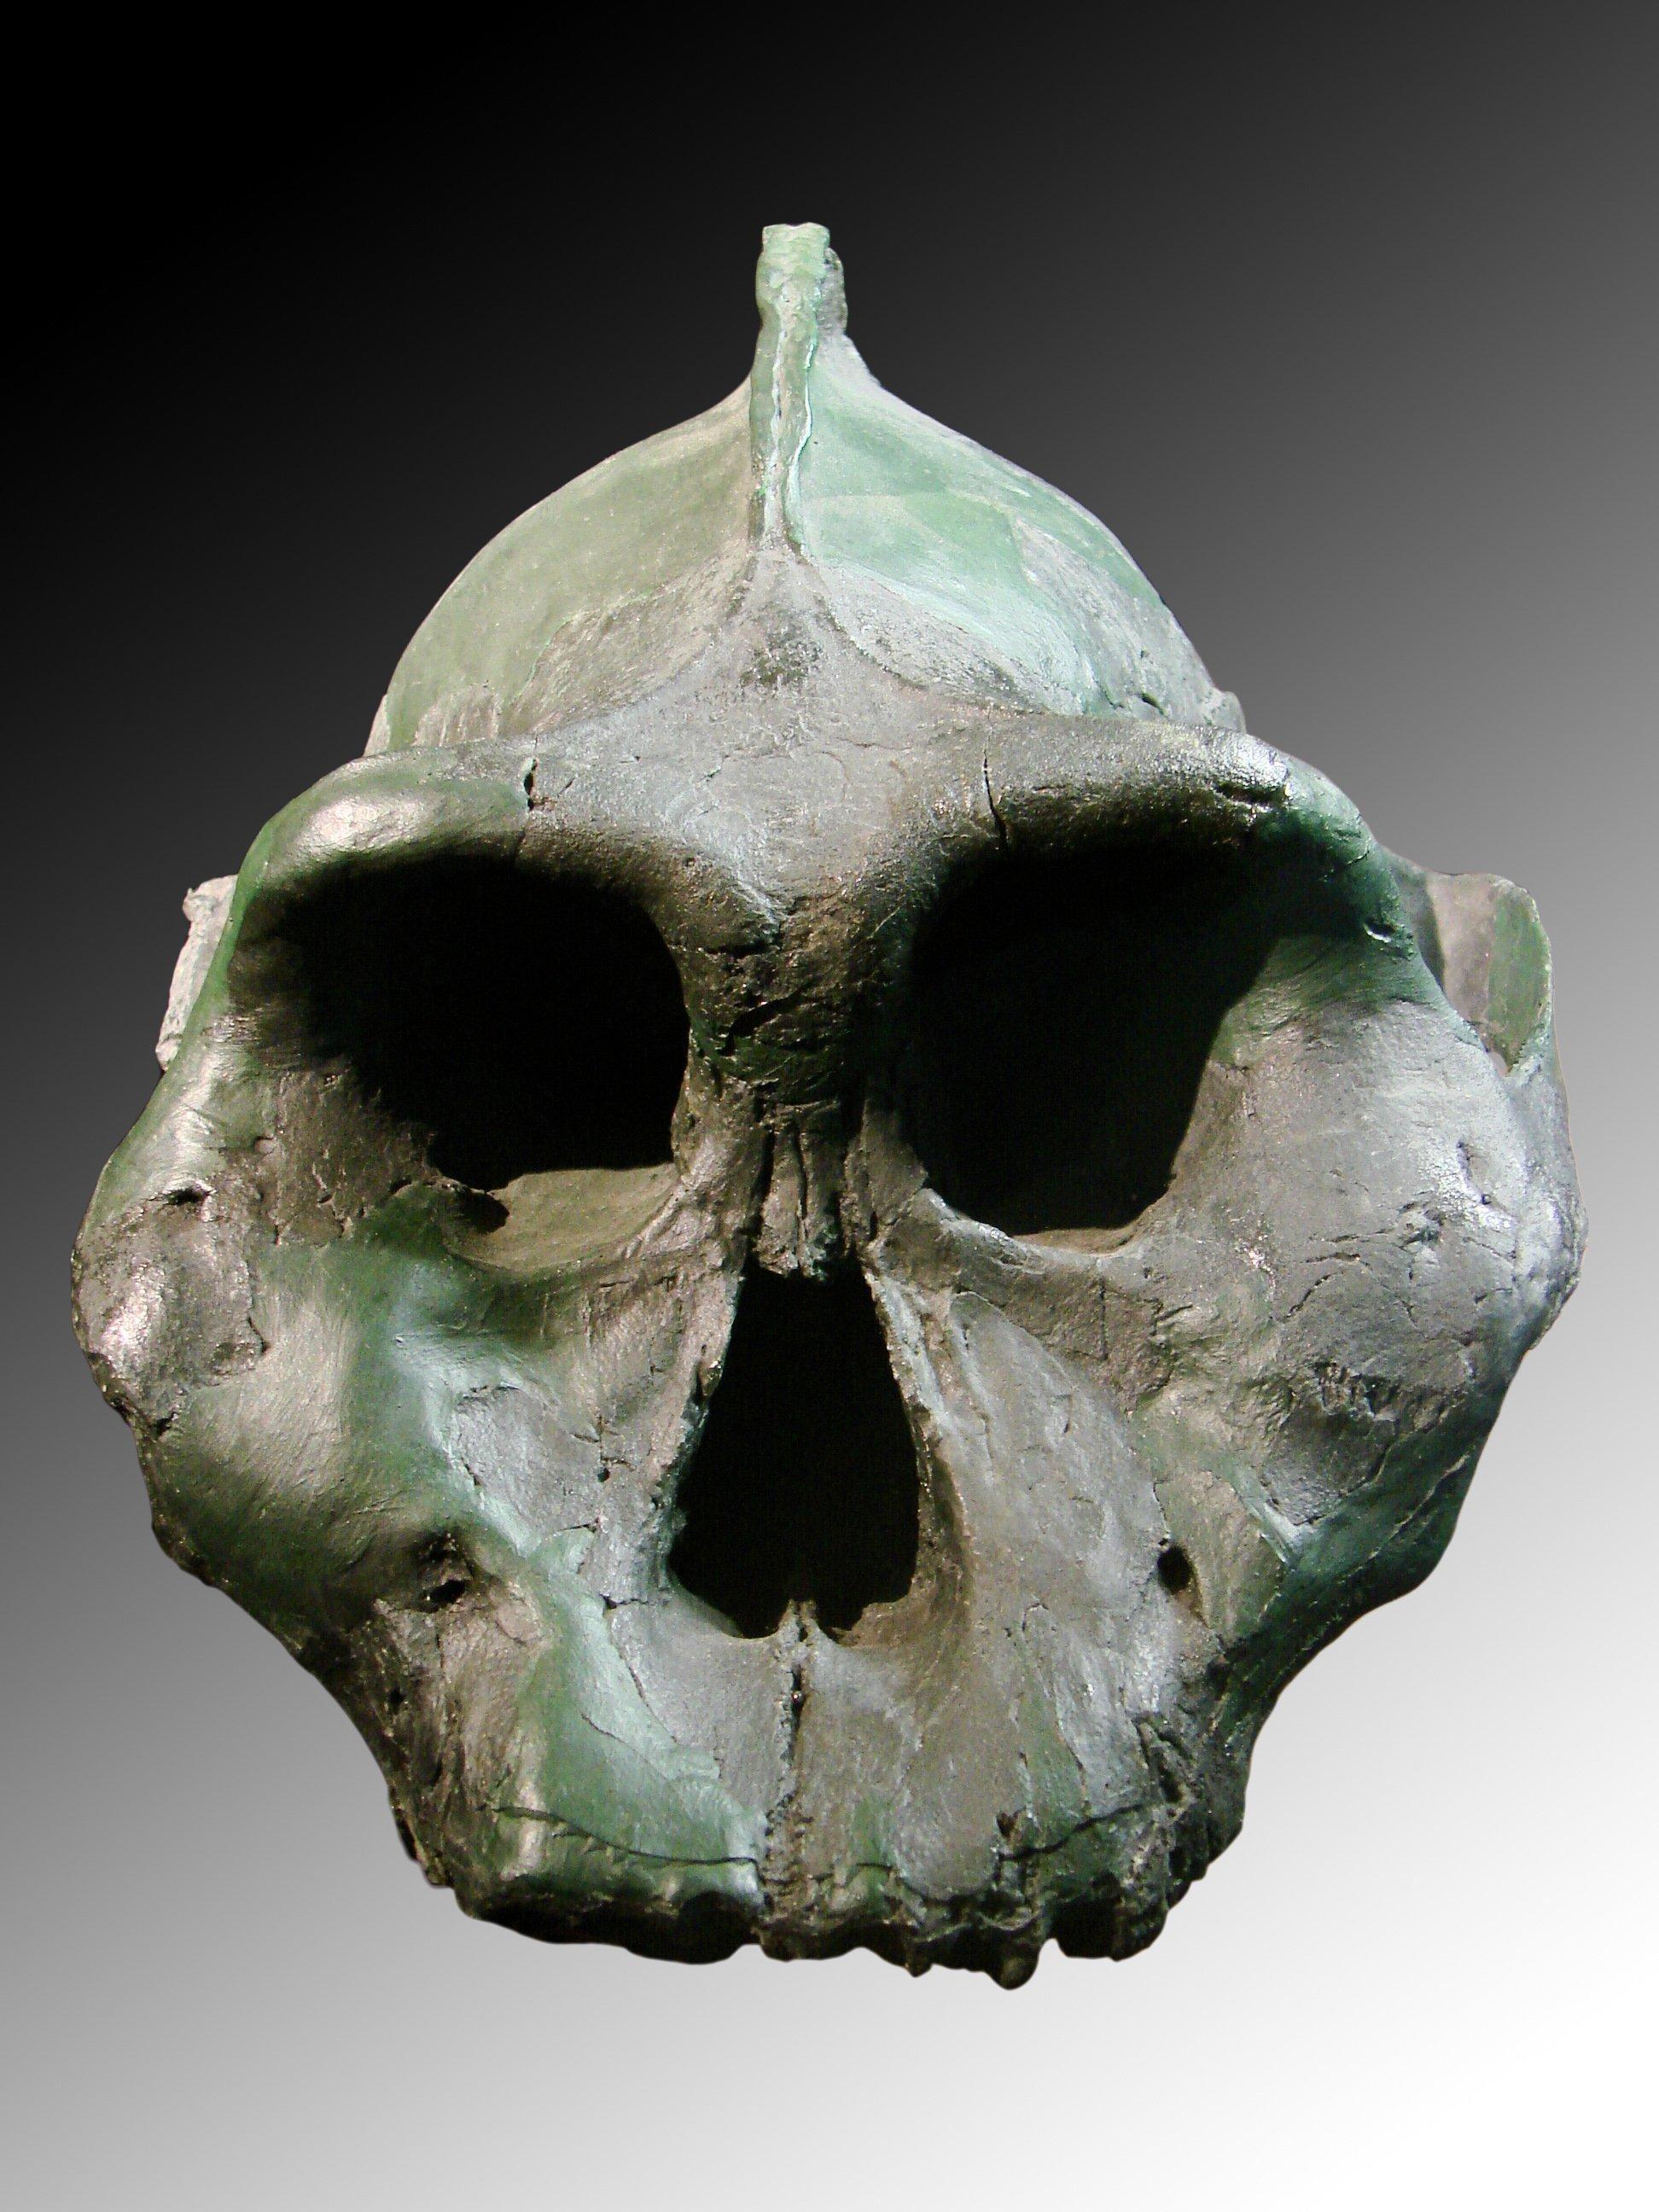 Auf dem Bild ist eine Schädelrekonstruktion von Paranthropus aethiopicus, zu sehen, die an der Universität Zürich gefertigt wurde.  Paranthropus aethiopicus gehört zu den Nussknackermenschen, einer Nebenlinie des Menschen, die dank ihrer Riesenzähne harte Pflanzenkost konsumieren und so auch in trockenem Klima überleben konnte. Eindrucksvoll ist ein Knochenkamm oben auf dem Schädel, der einst dazu diente, den gewaltigen Kaumuskeln Halt zu bieten.